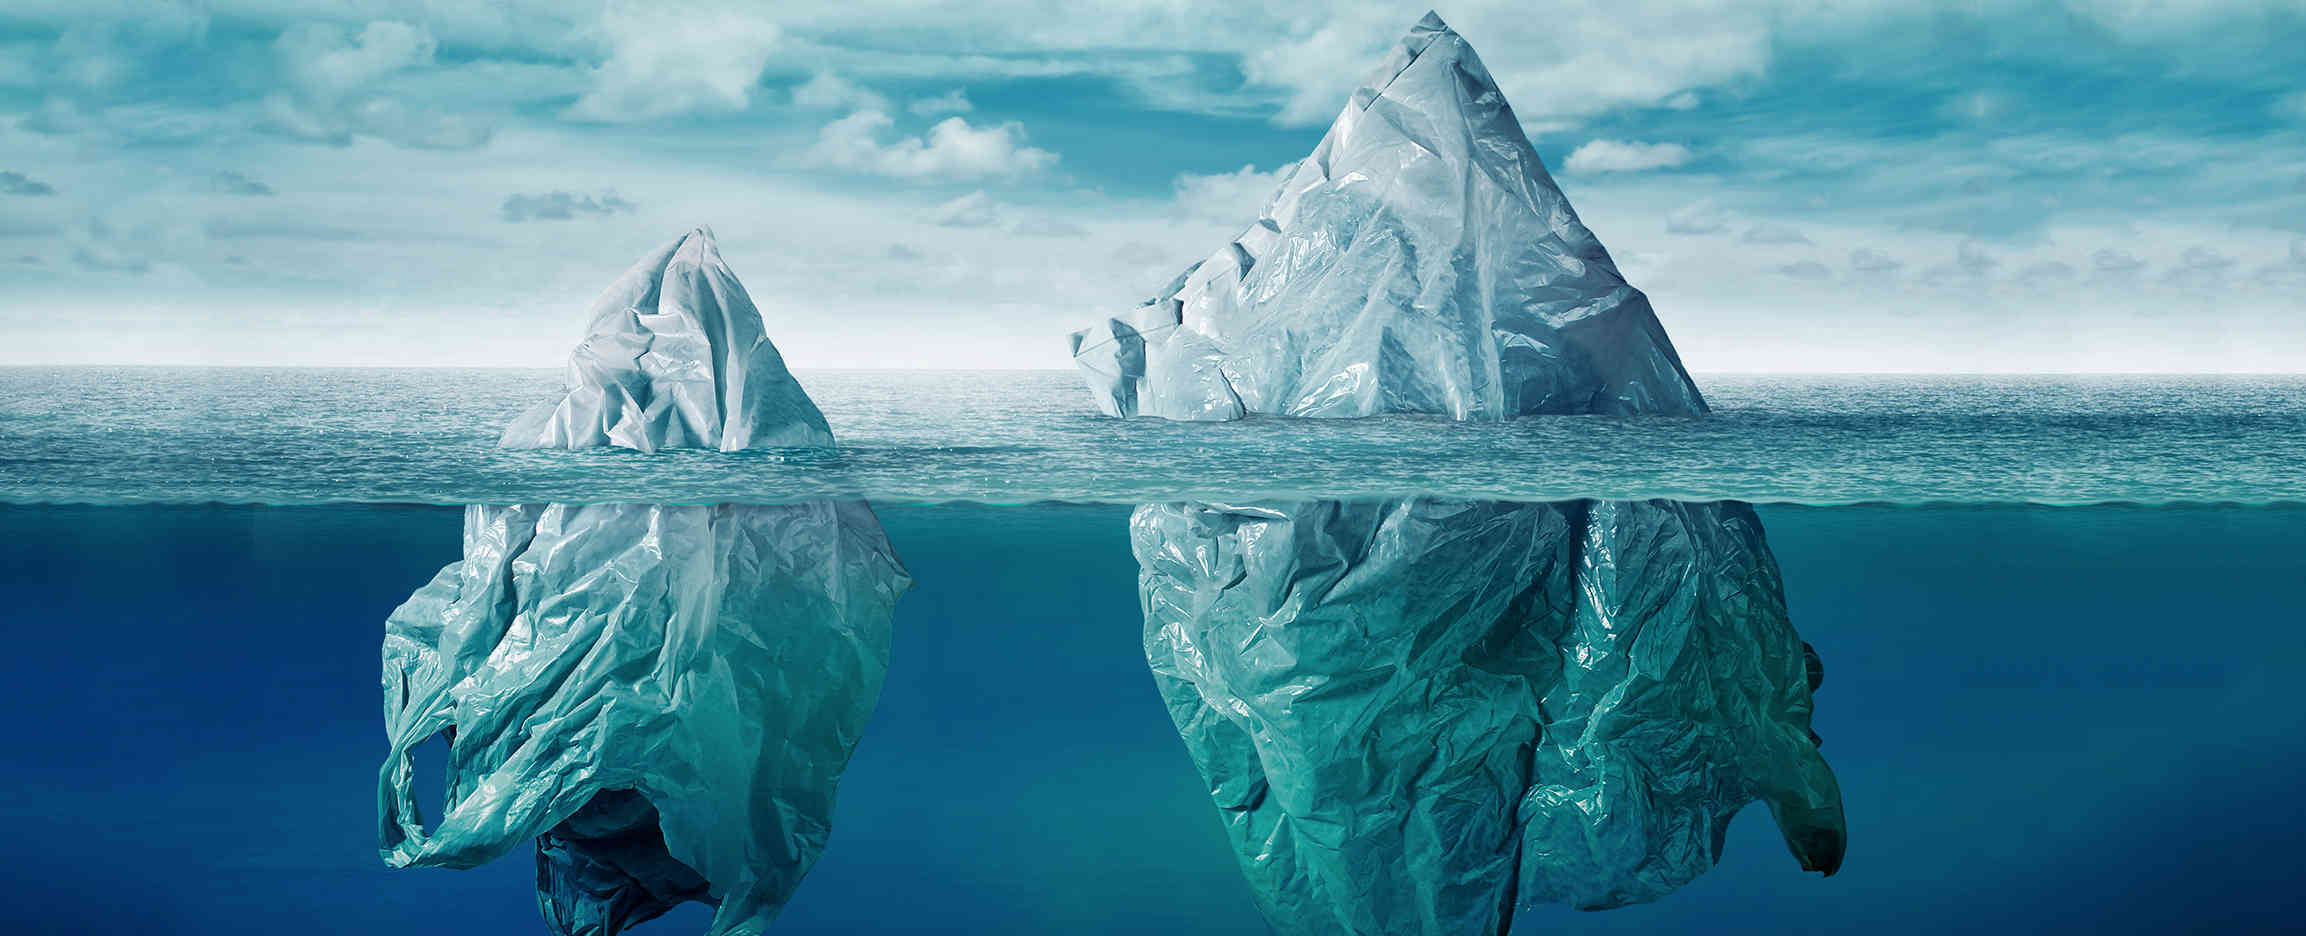 turismo sostenible bolsas peligro iceberg